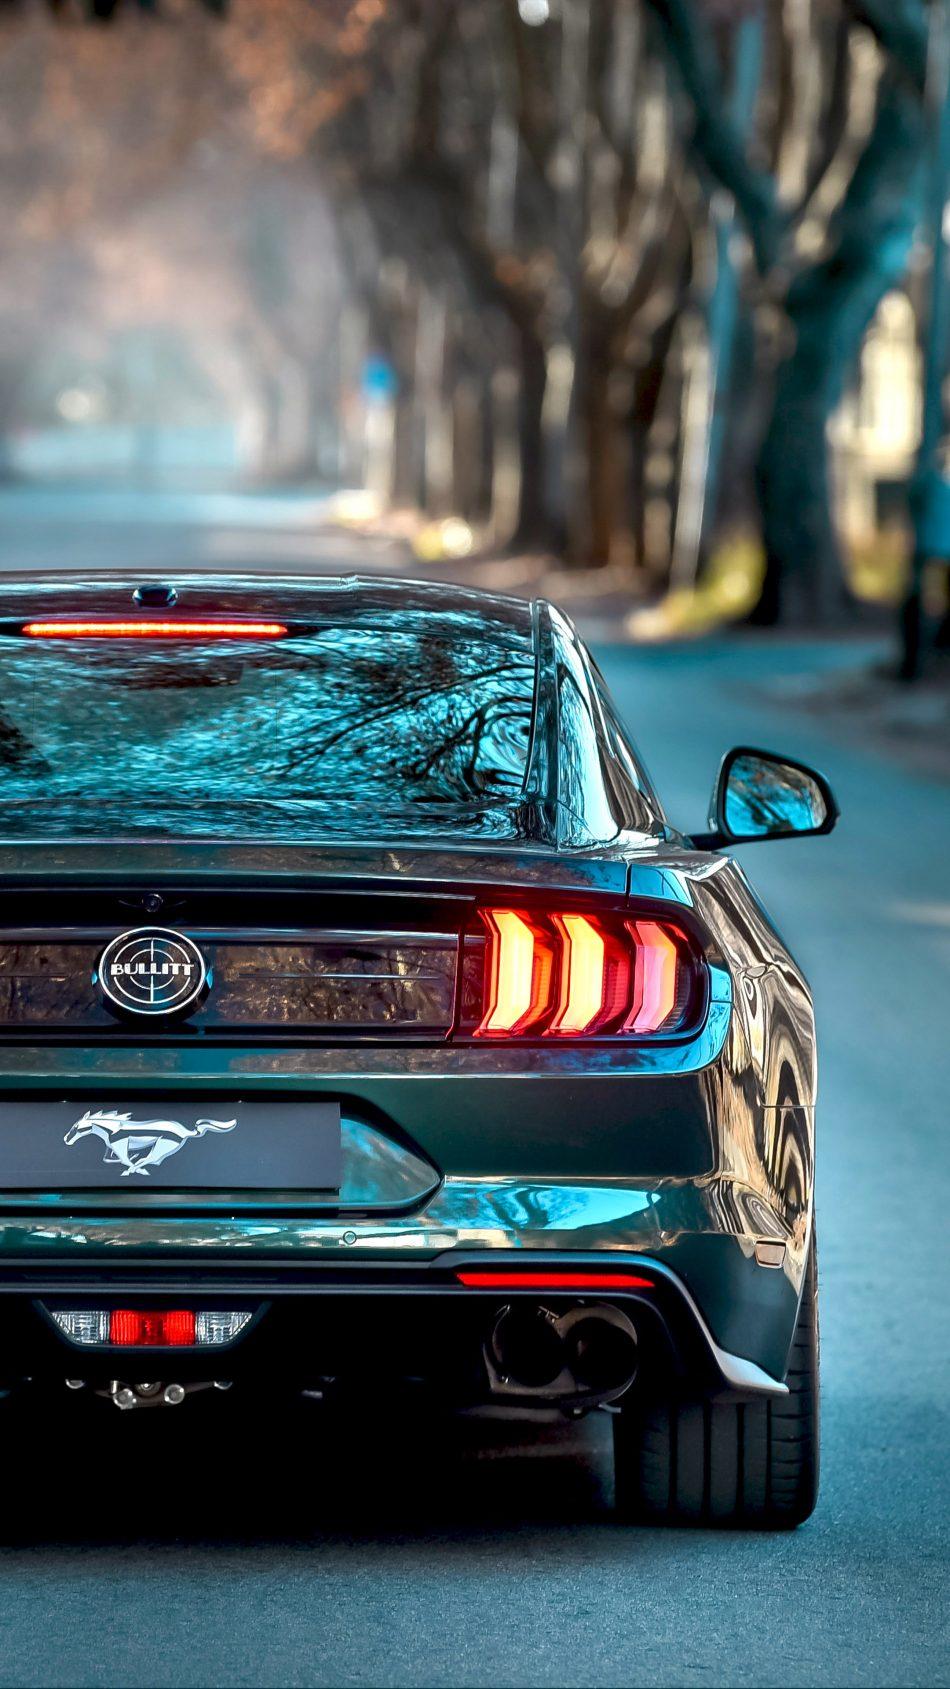 Ford Mustang Bullitt 2019 4k Ultra Hd Mobile Wallpaper